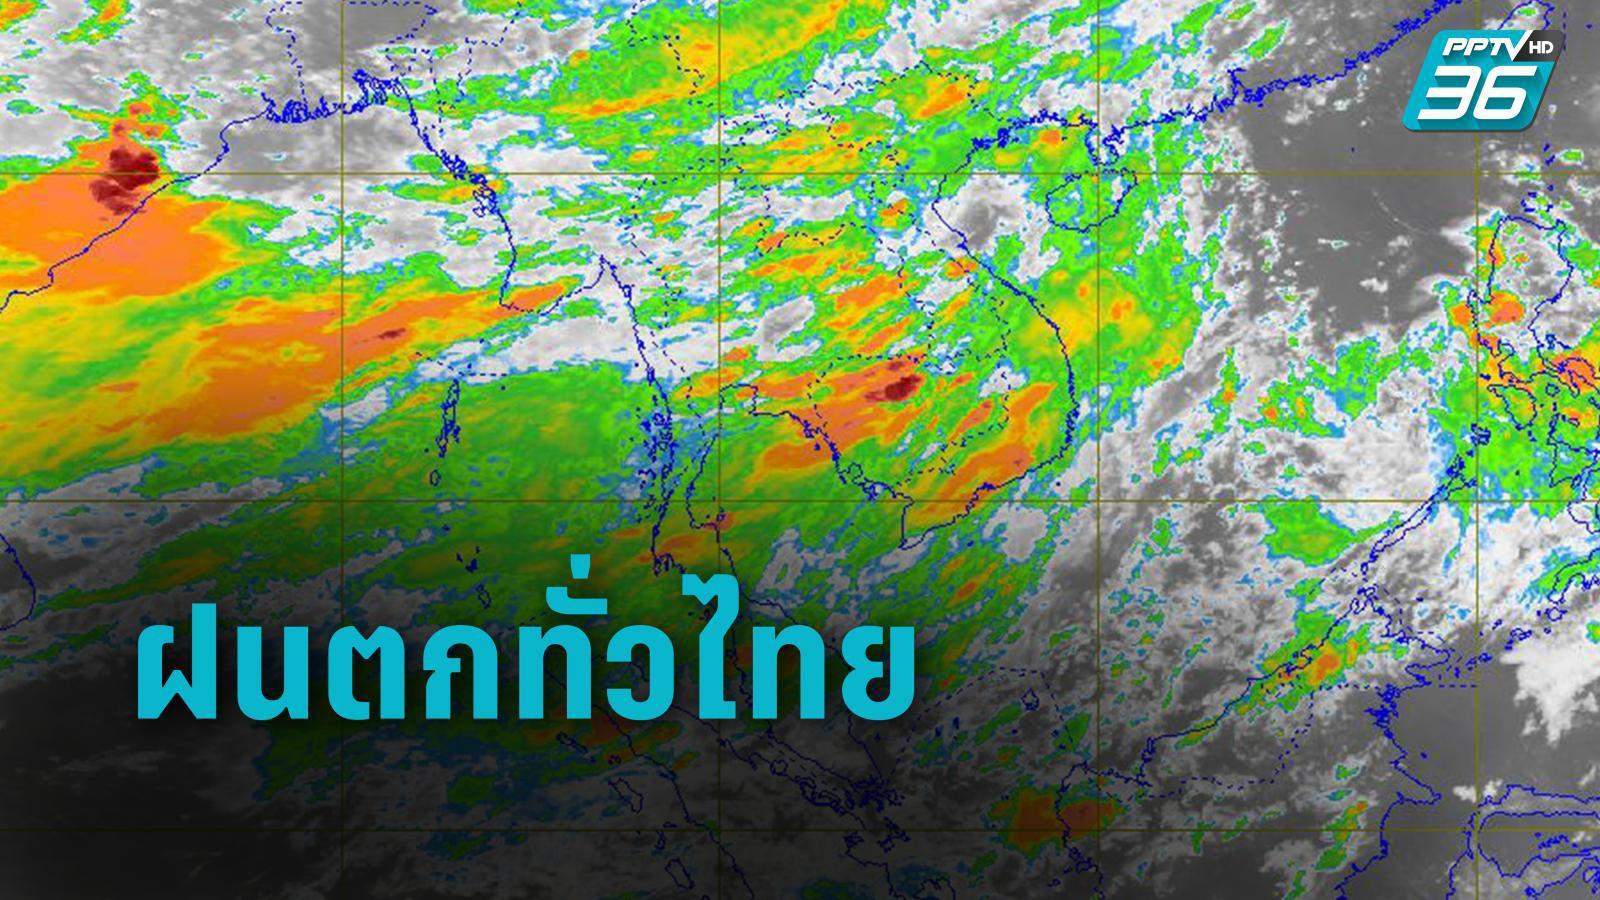 พยากรณ์อากาศวันนี้ อุตุฯ เตือน ฝนถล่มทั่วไทย - กทม.ฟ้าคะนอง 60%